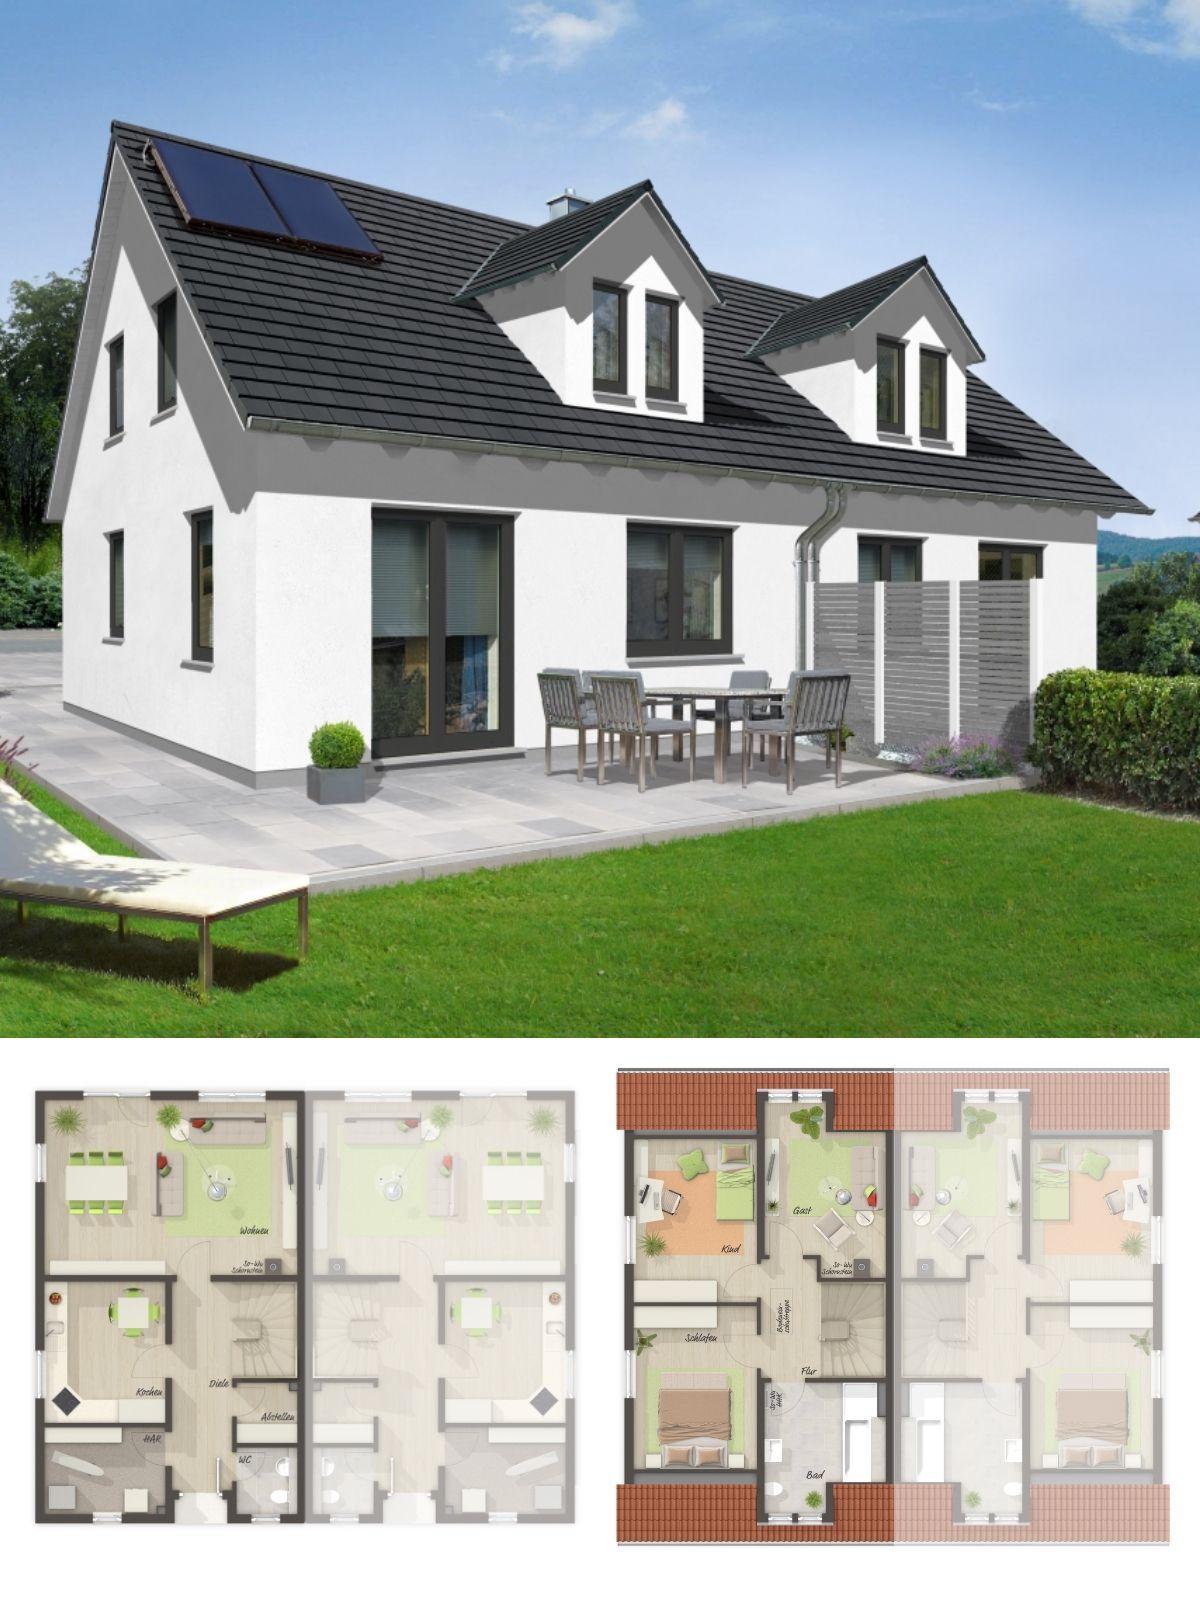 Moderne Doppelhaushälfte mit Satteldach Architektur